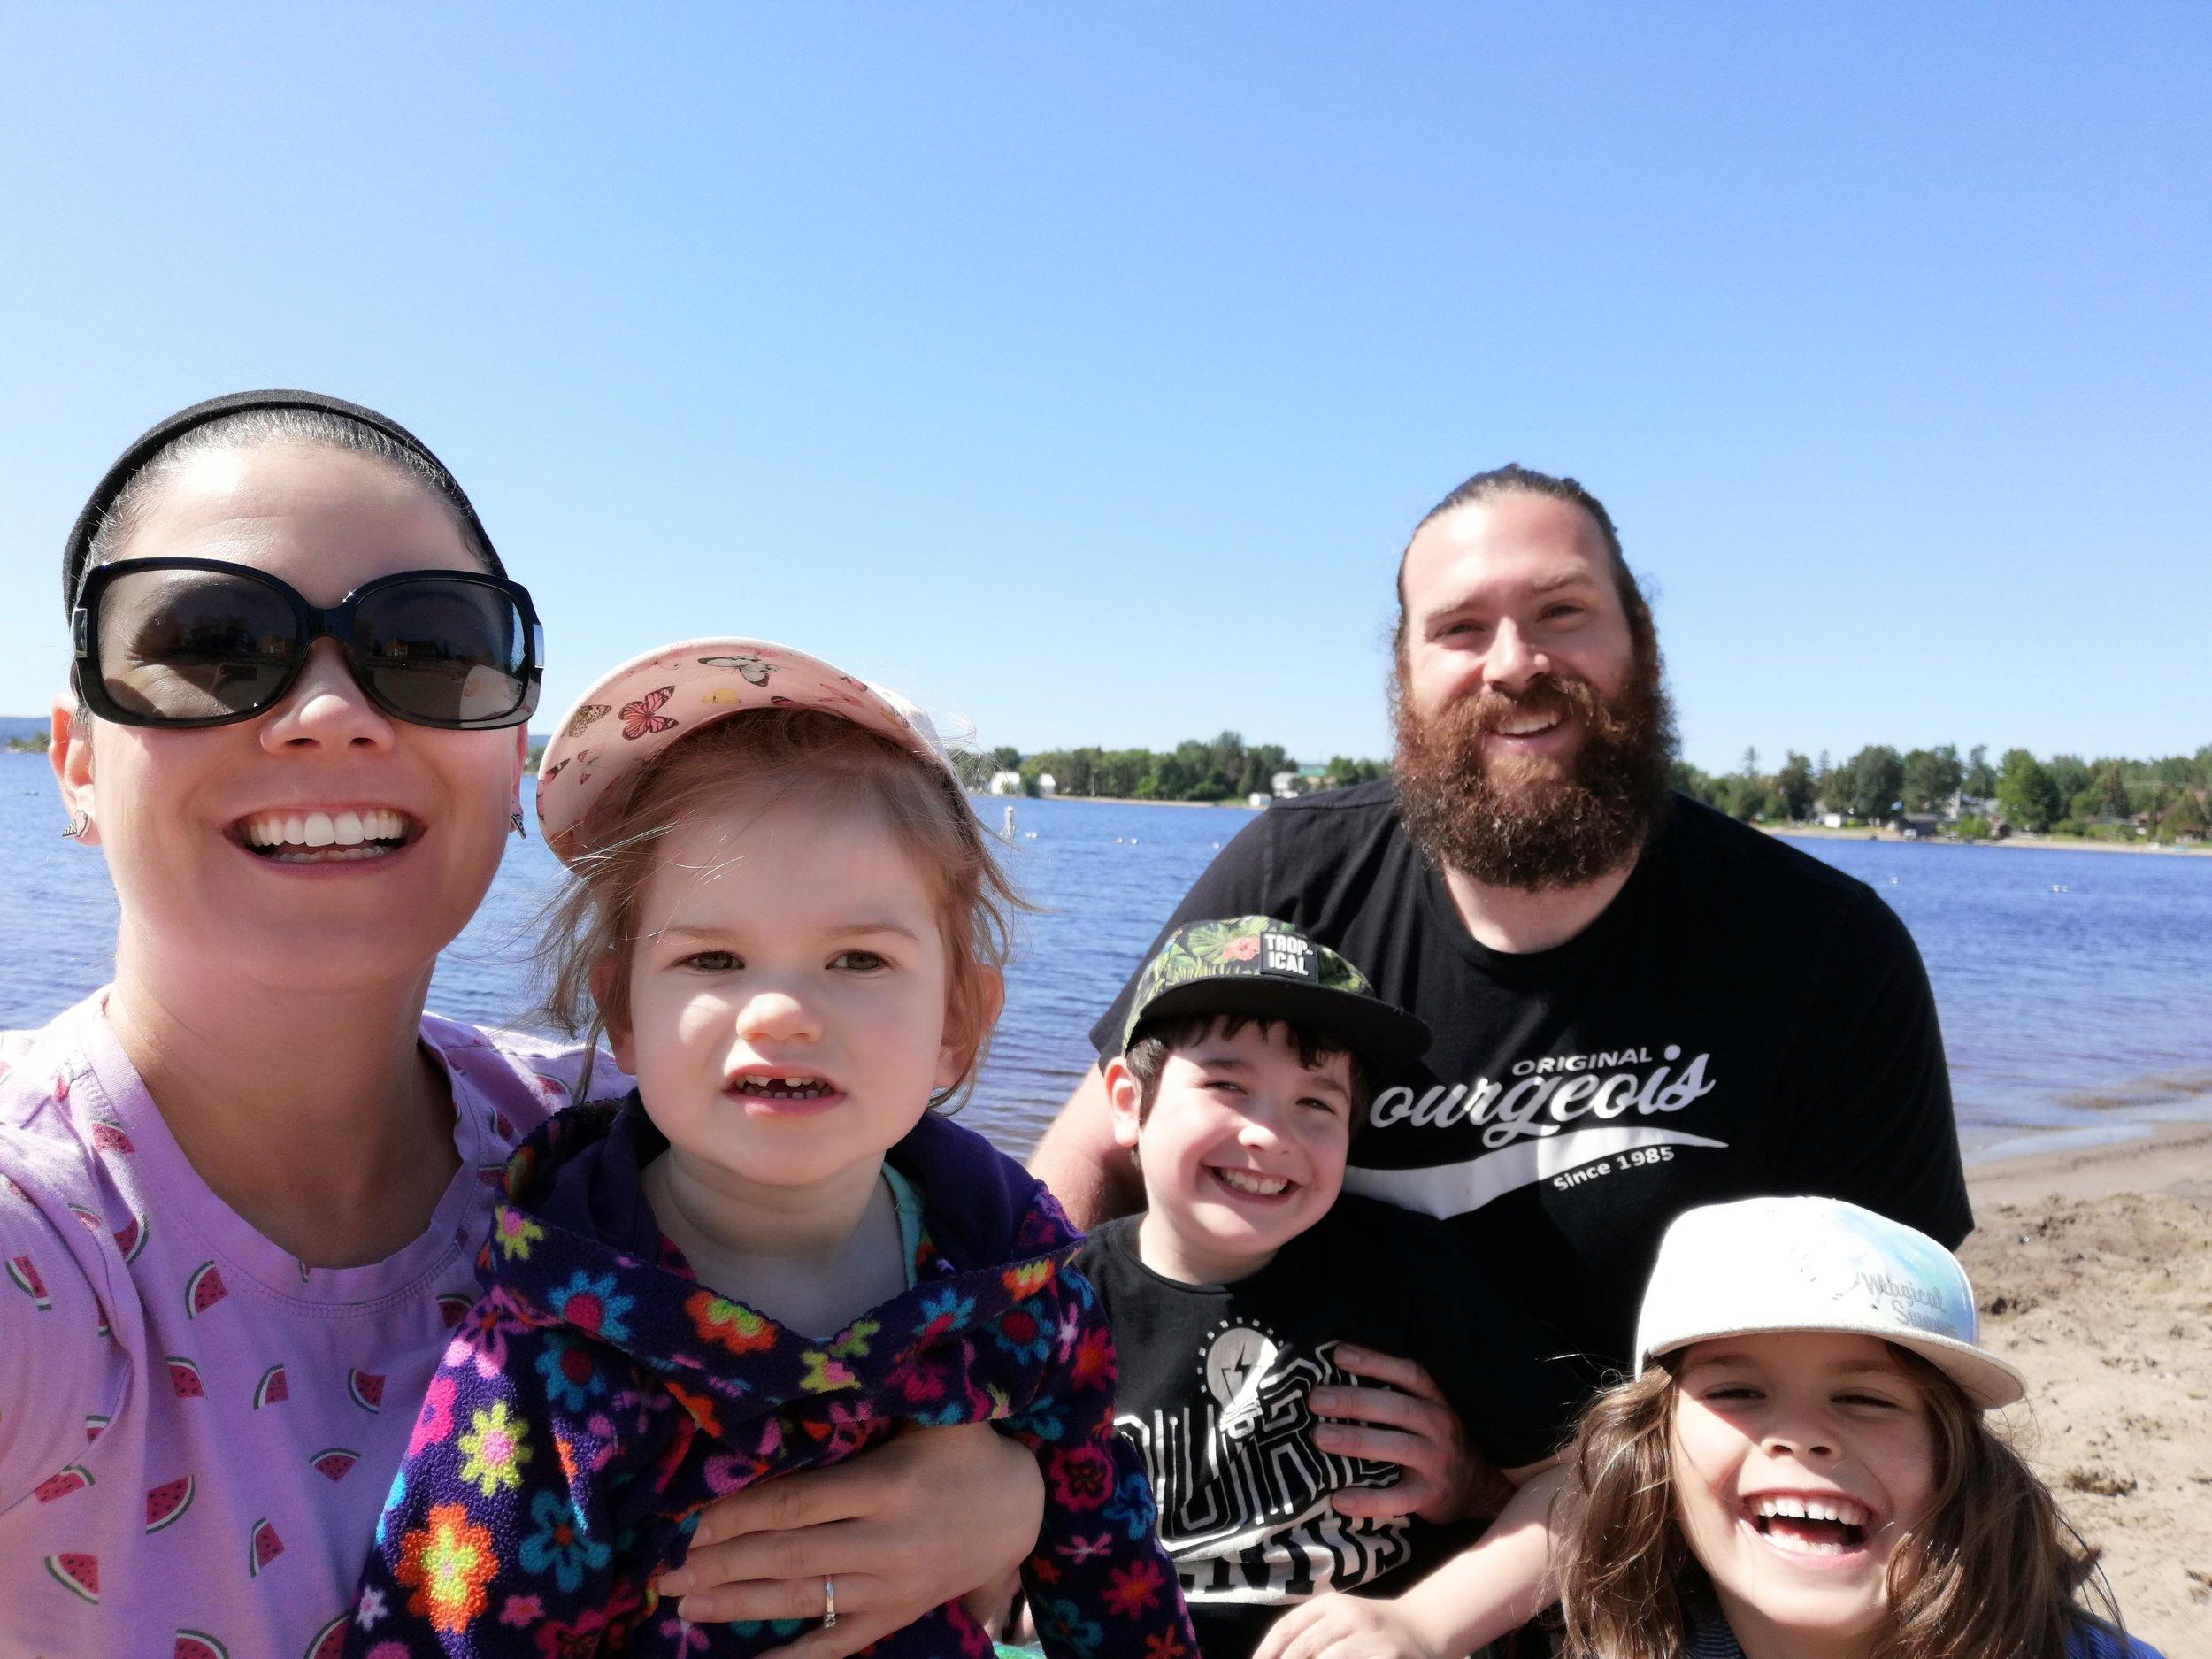 vie-de-famille-profiter-du-moment-présent-18-étés-avec-nos-enfants